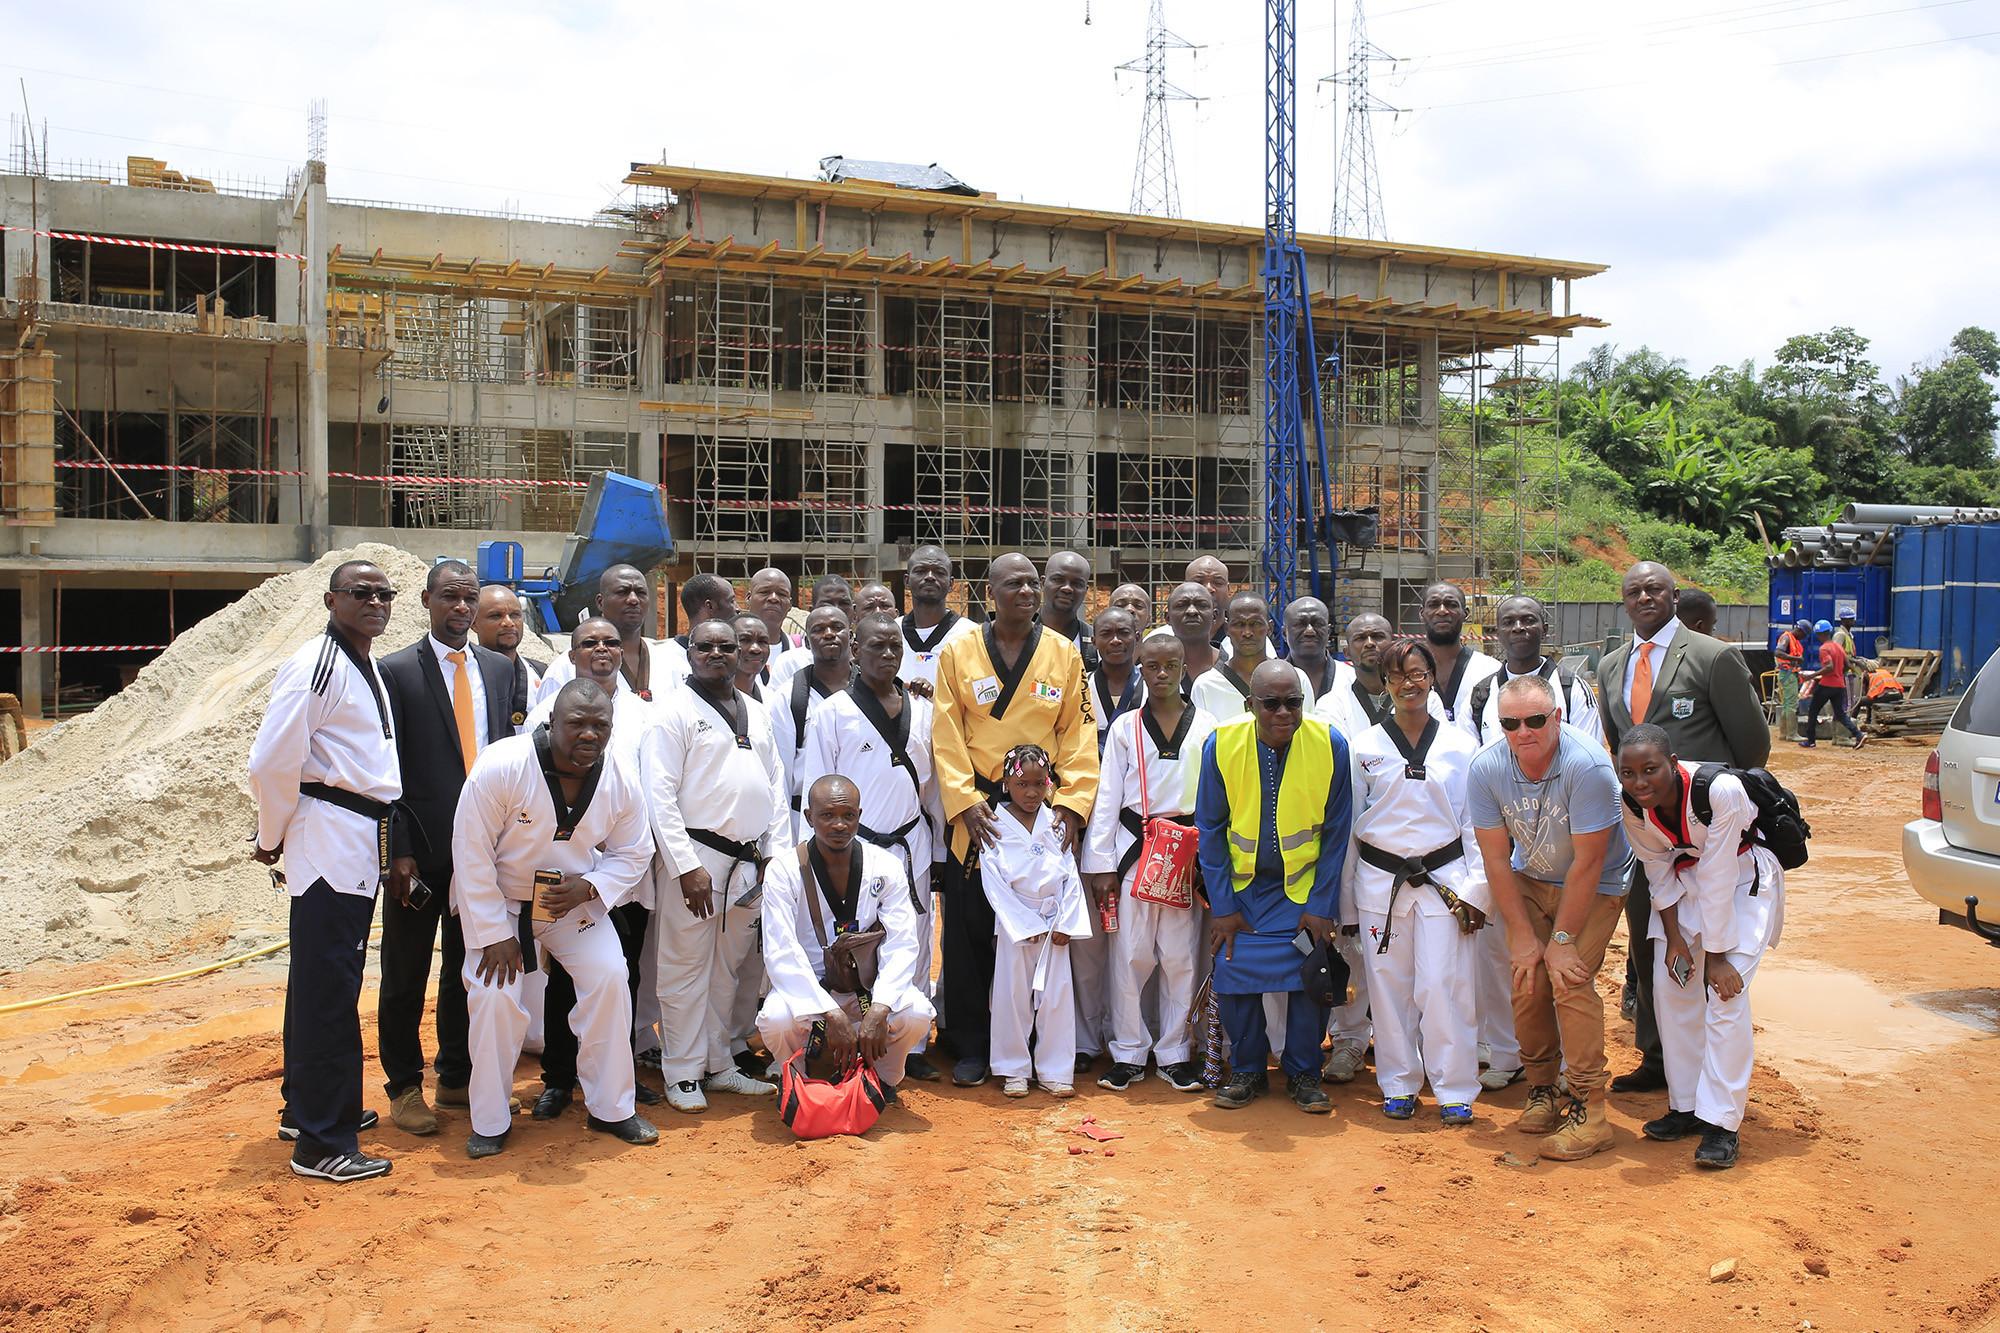 Officials in Ivory Coast inspect progress at new taekwondo facility